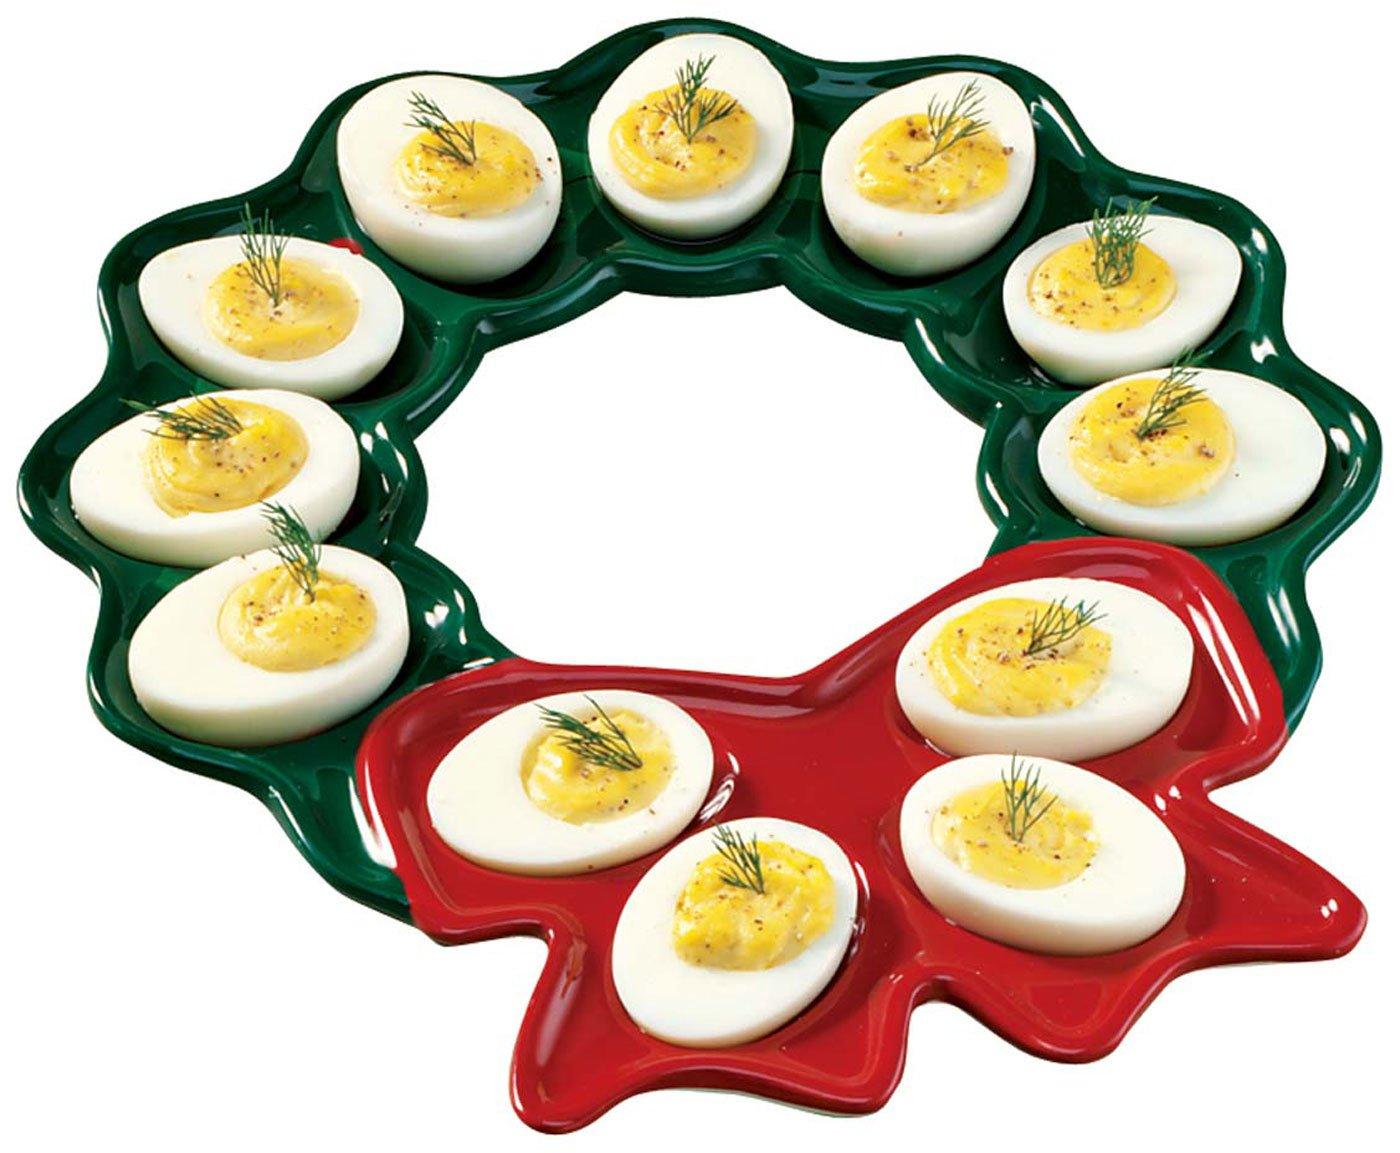 deviled egg plate